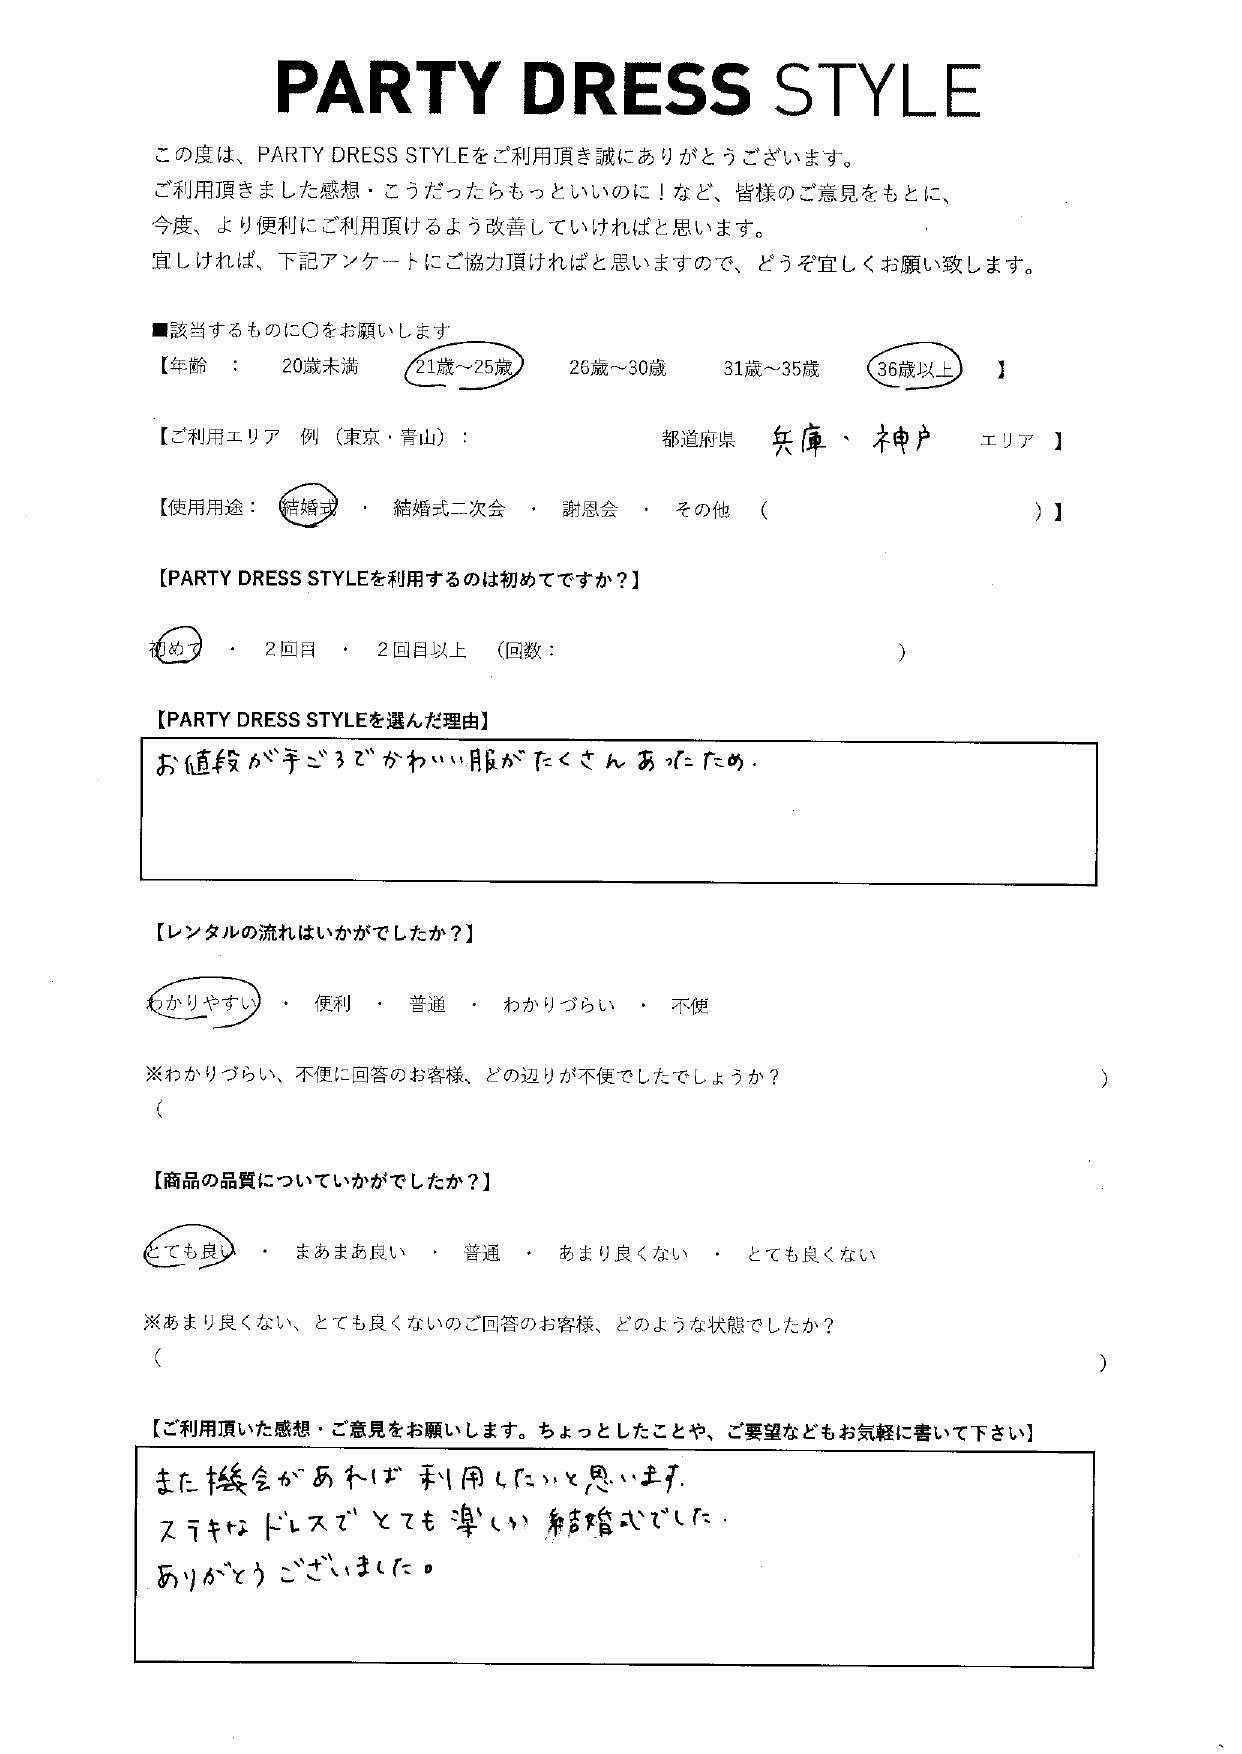 8/28結婚式ご利用 兵庫・神戸エリア